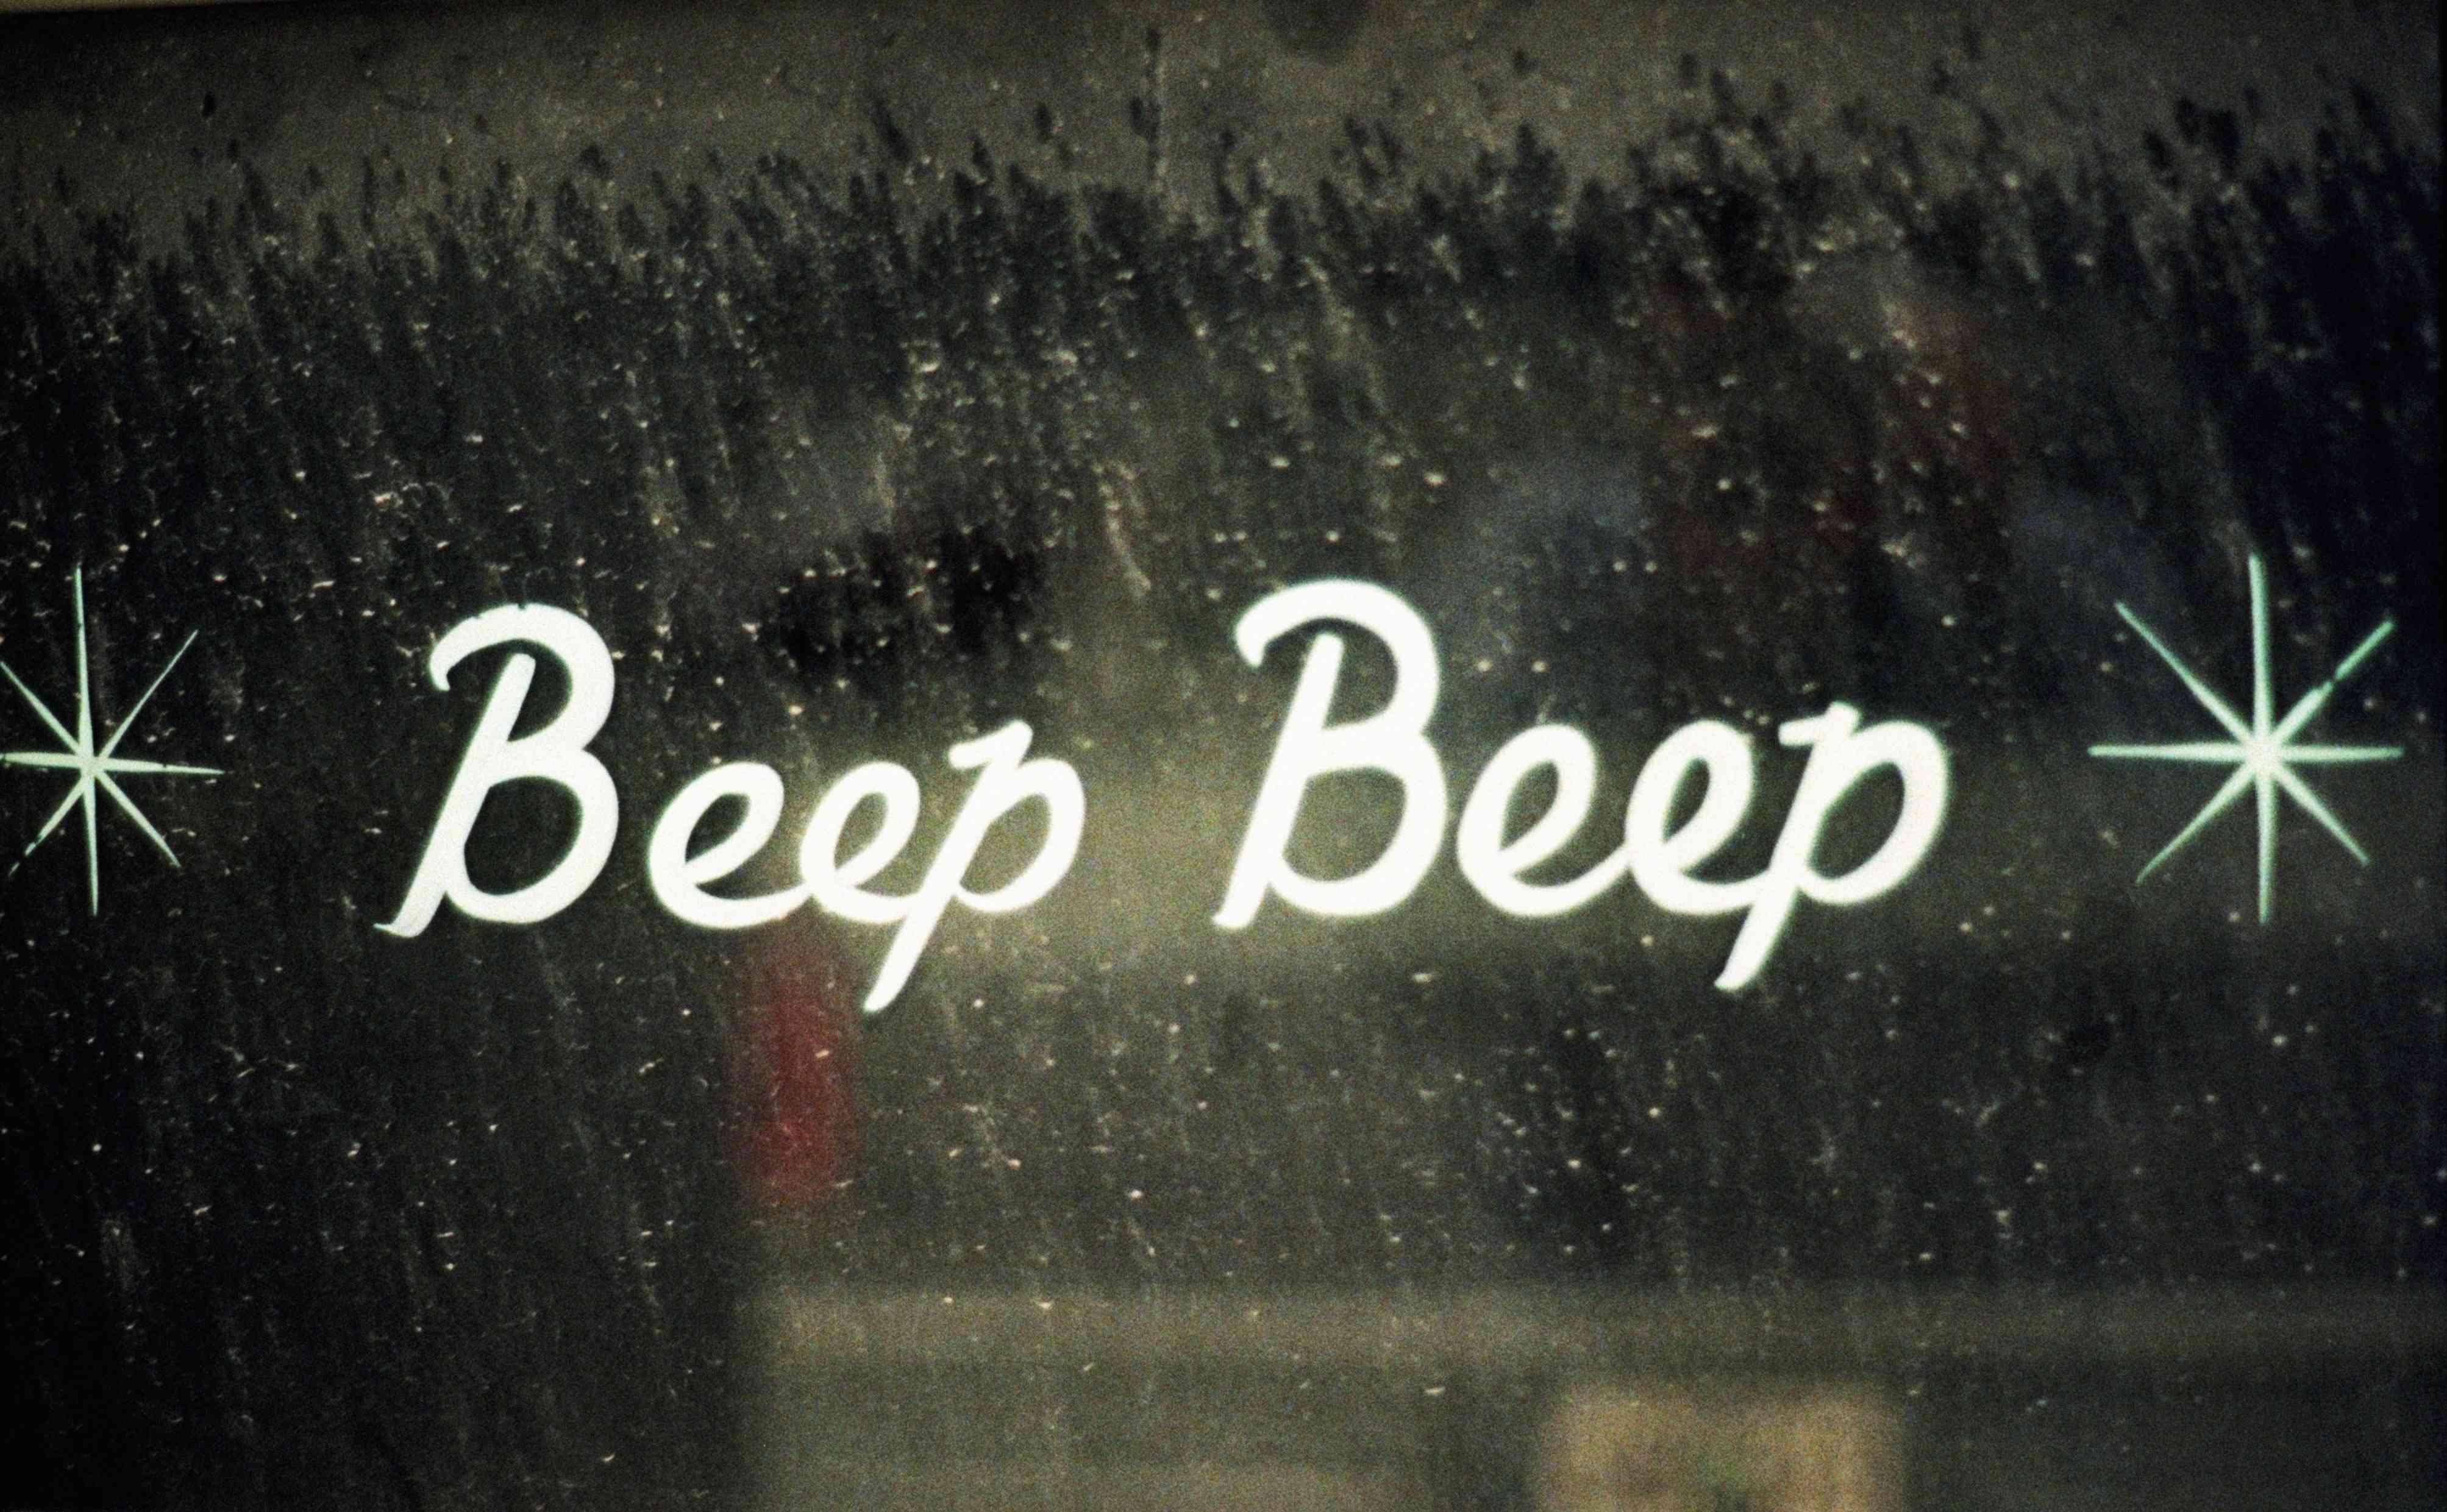 Beep beep on window